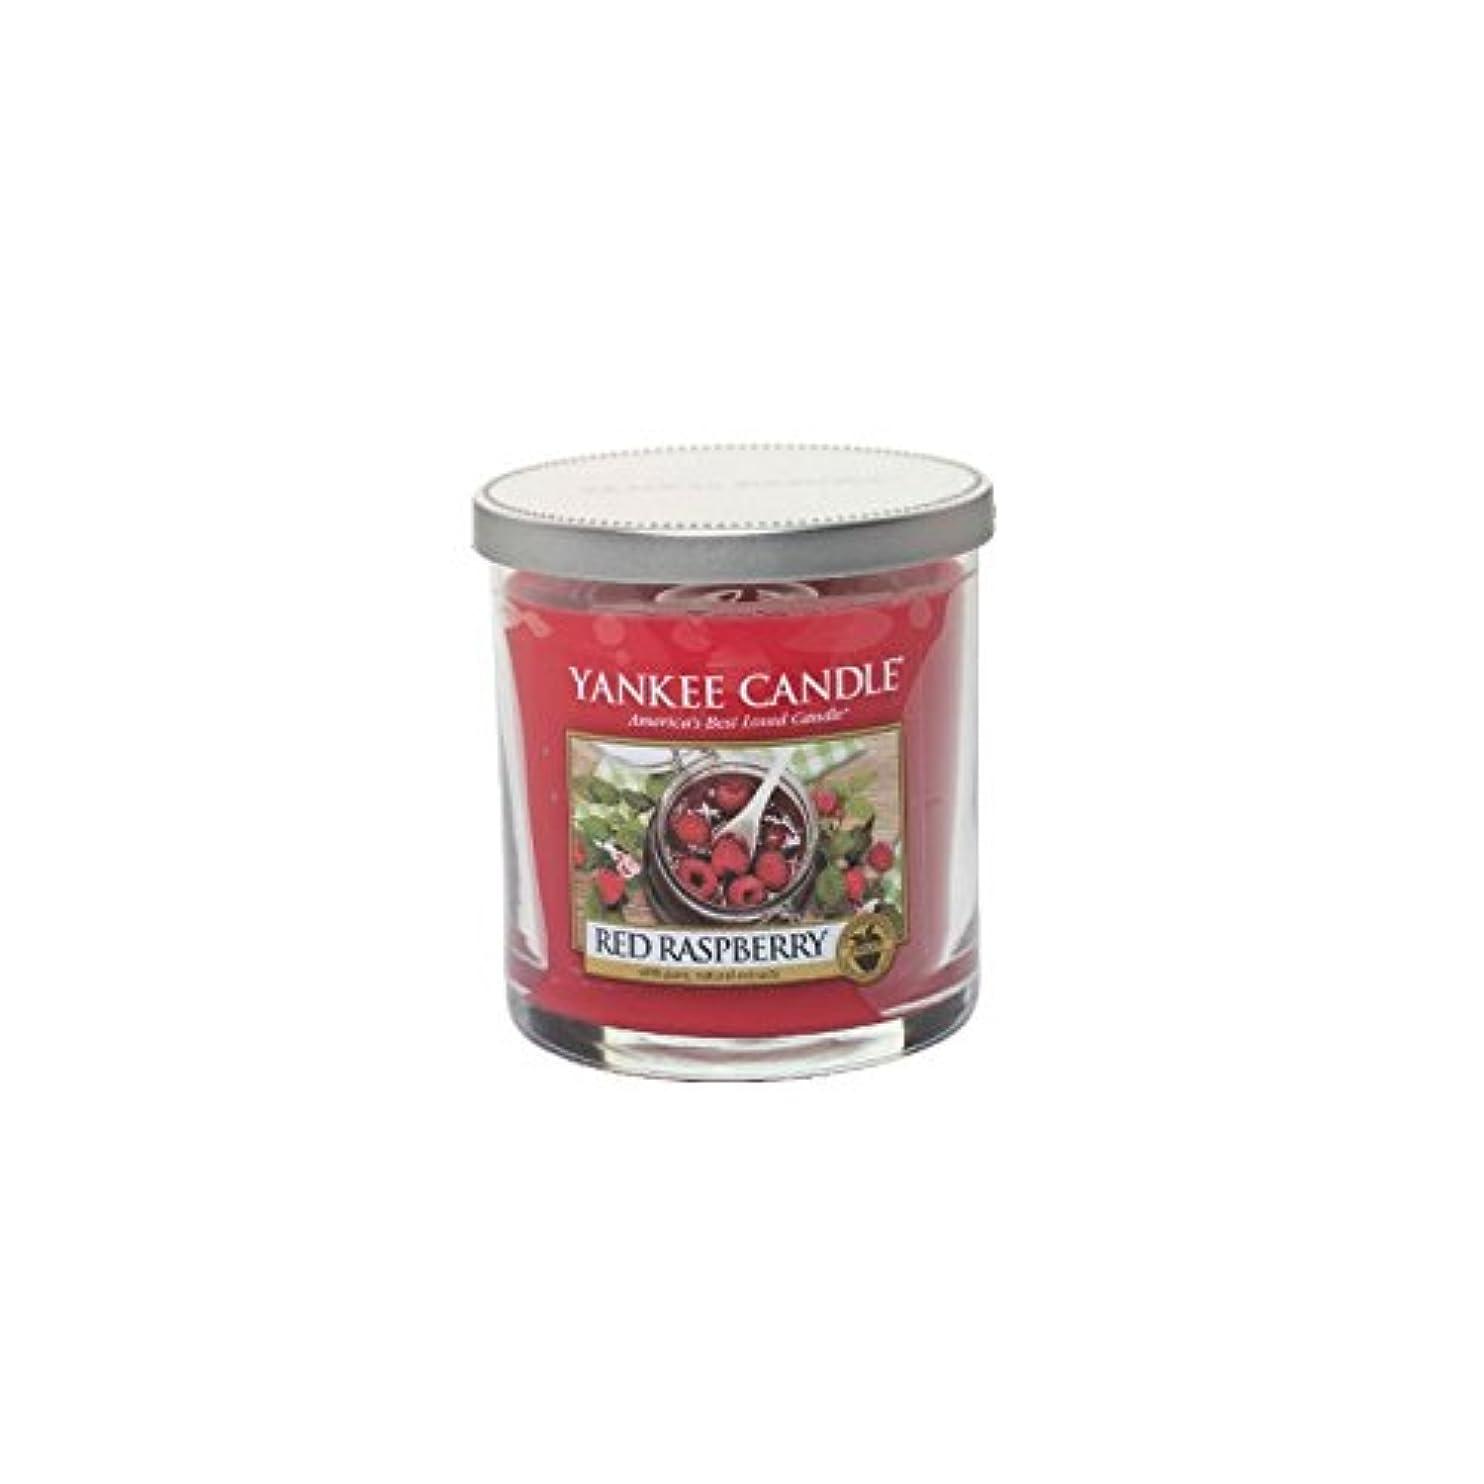 悪因子刈り取るウールヤンキーキャンドルの小さな柱キャンドル - レッドラズベリー - Yankee Candles Small Pillar Candle - Red Raspberry (Yankee Candles) [並行輸入品]